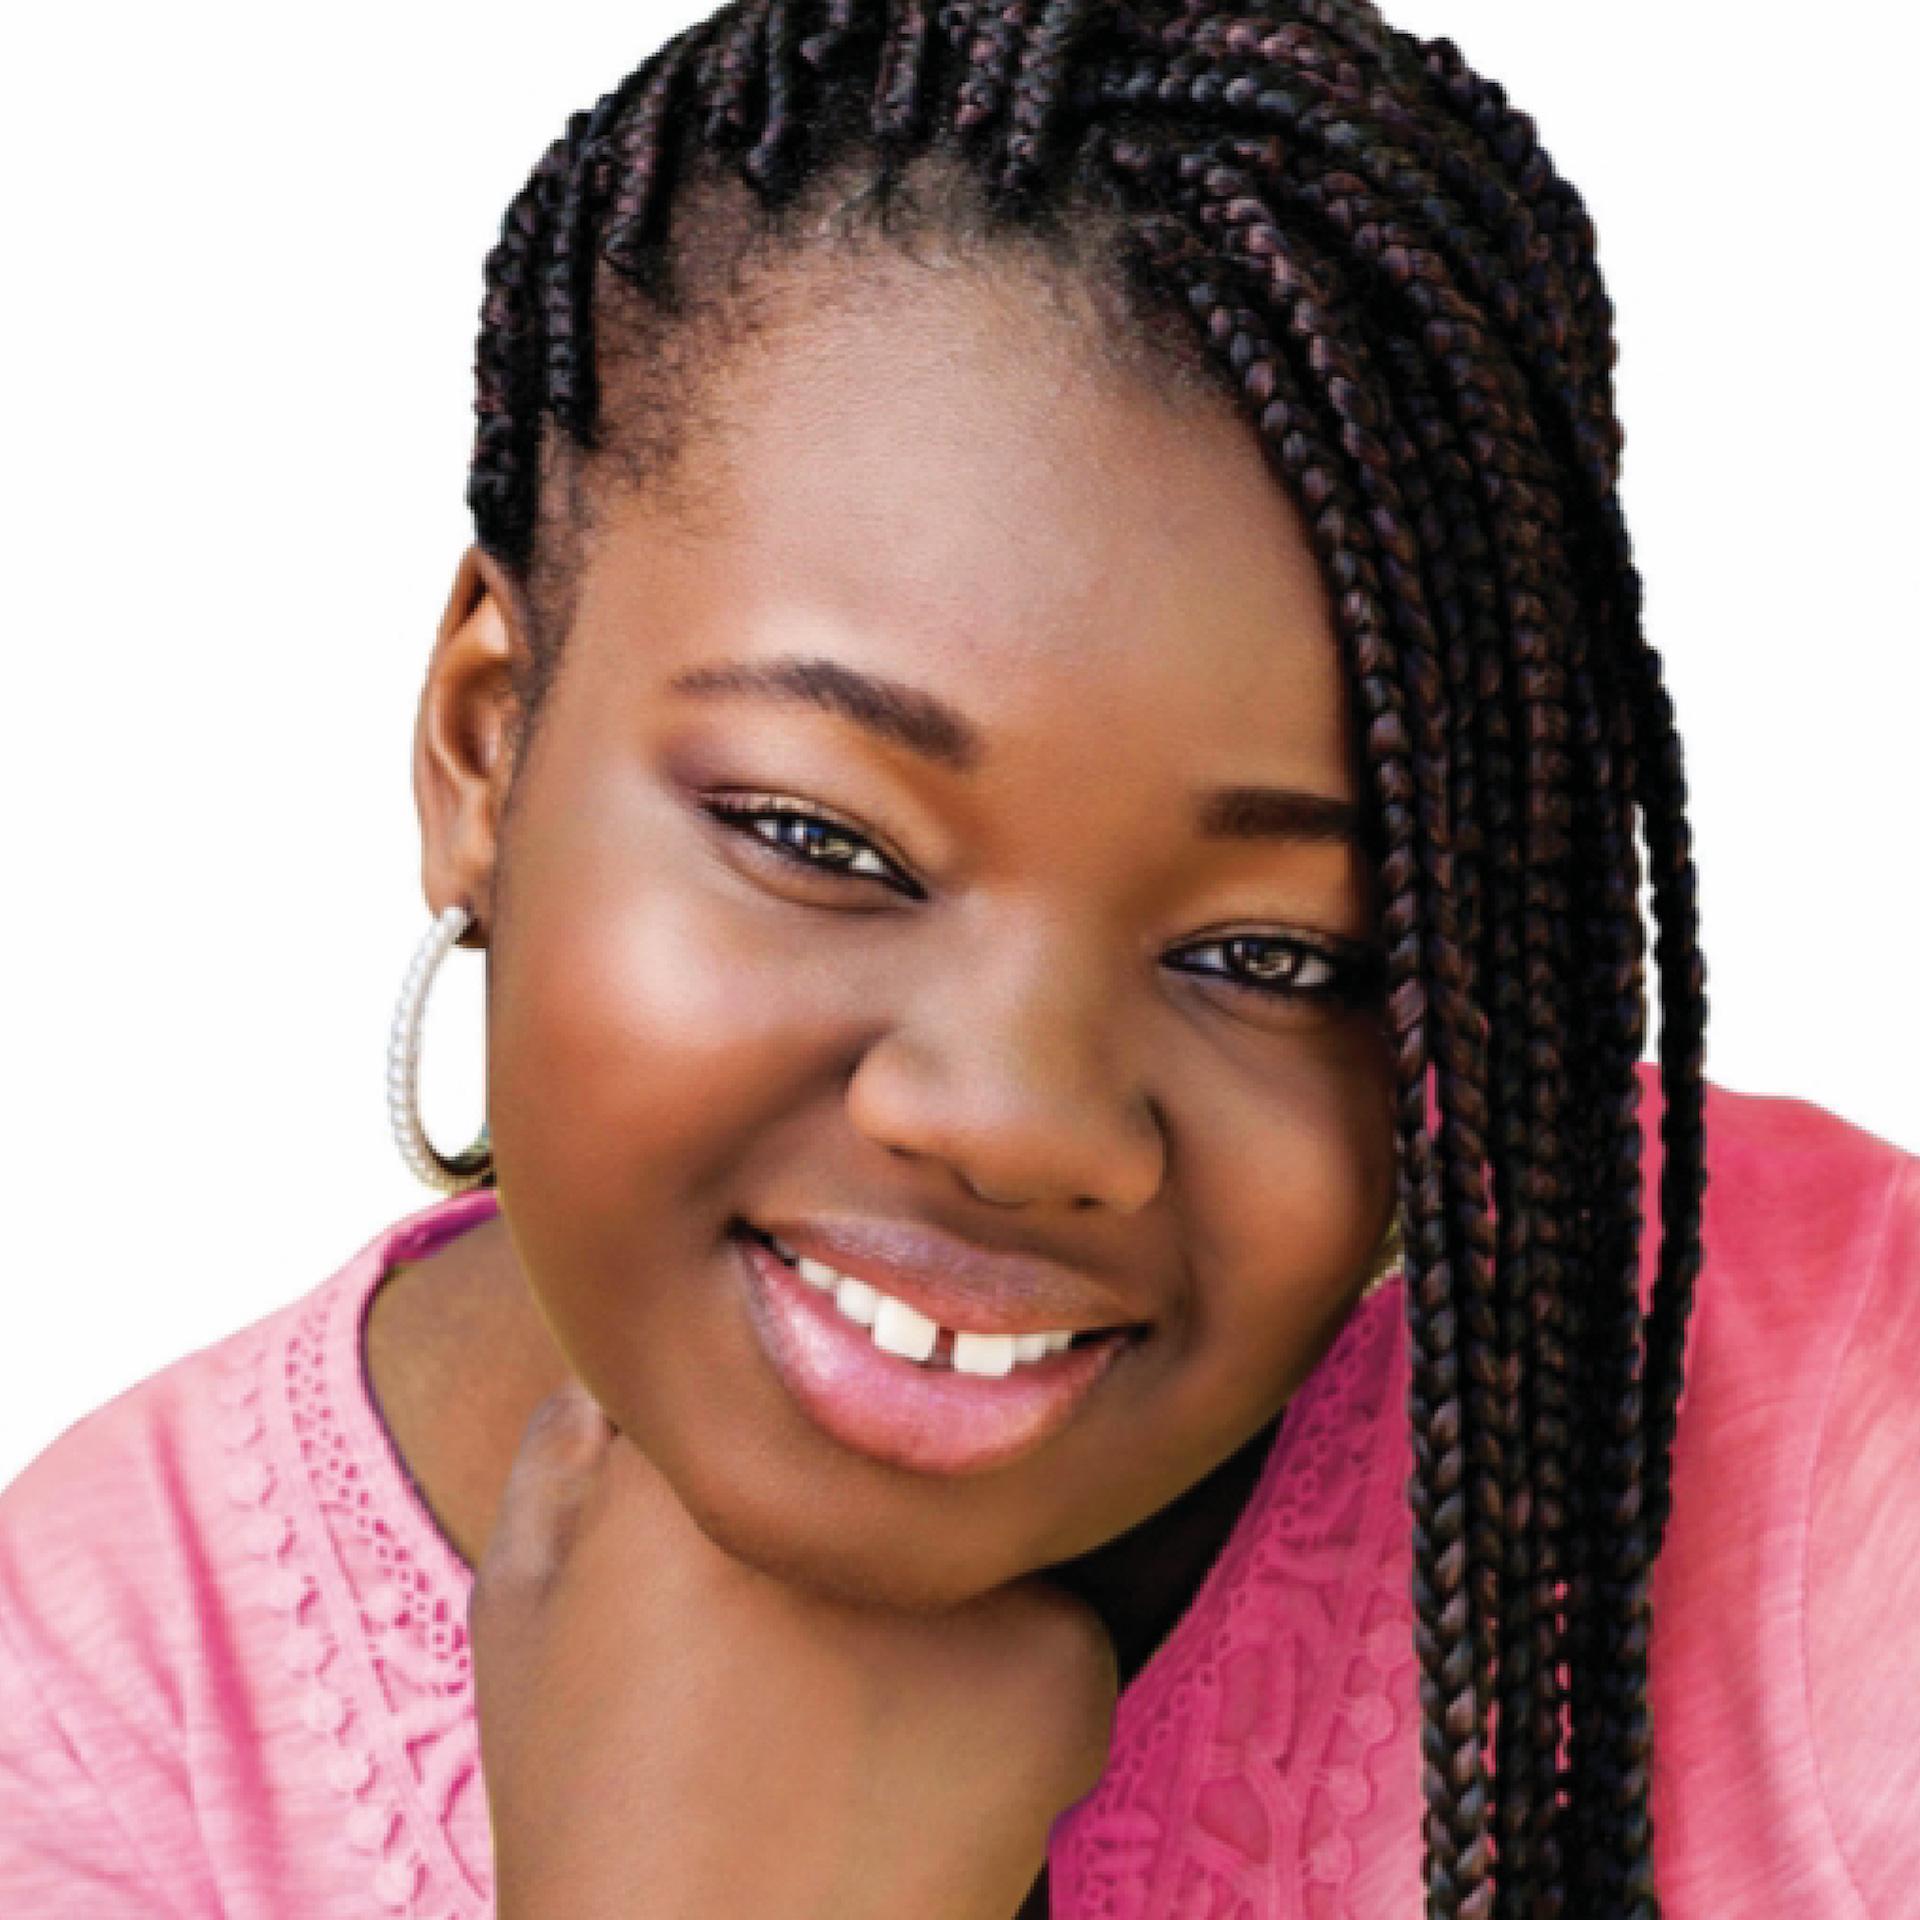 Singer-songwriter Chloe-Olivia